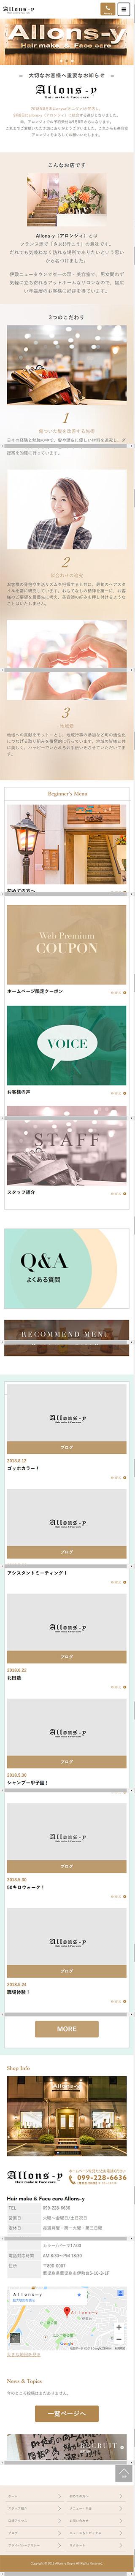 ホームページ制作実績アロンジィ様 - 美容室HP